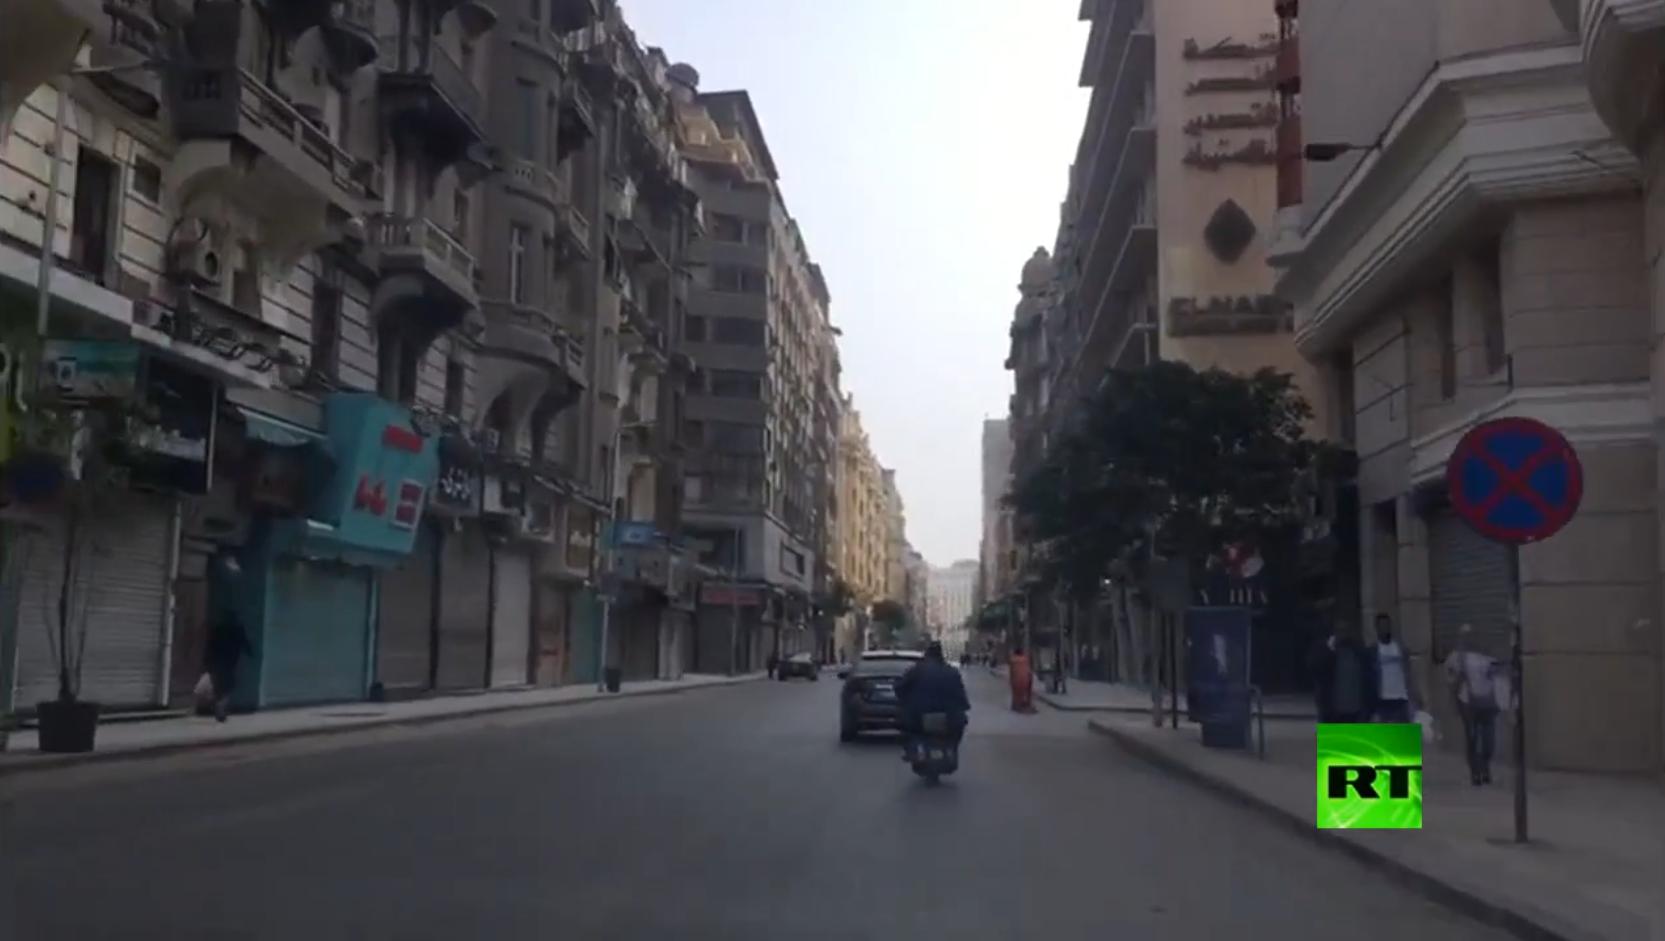 إغلاق تام للمحال و المطاعم في القاهرة